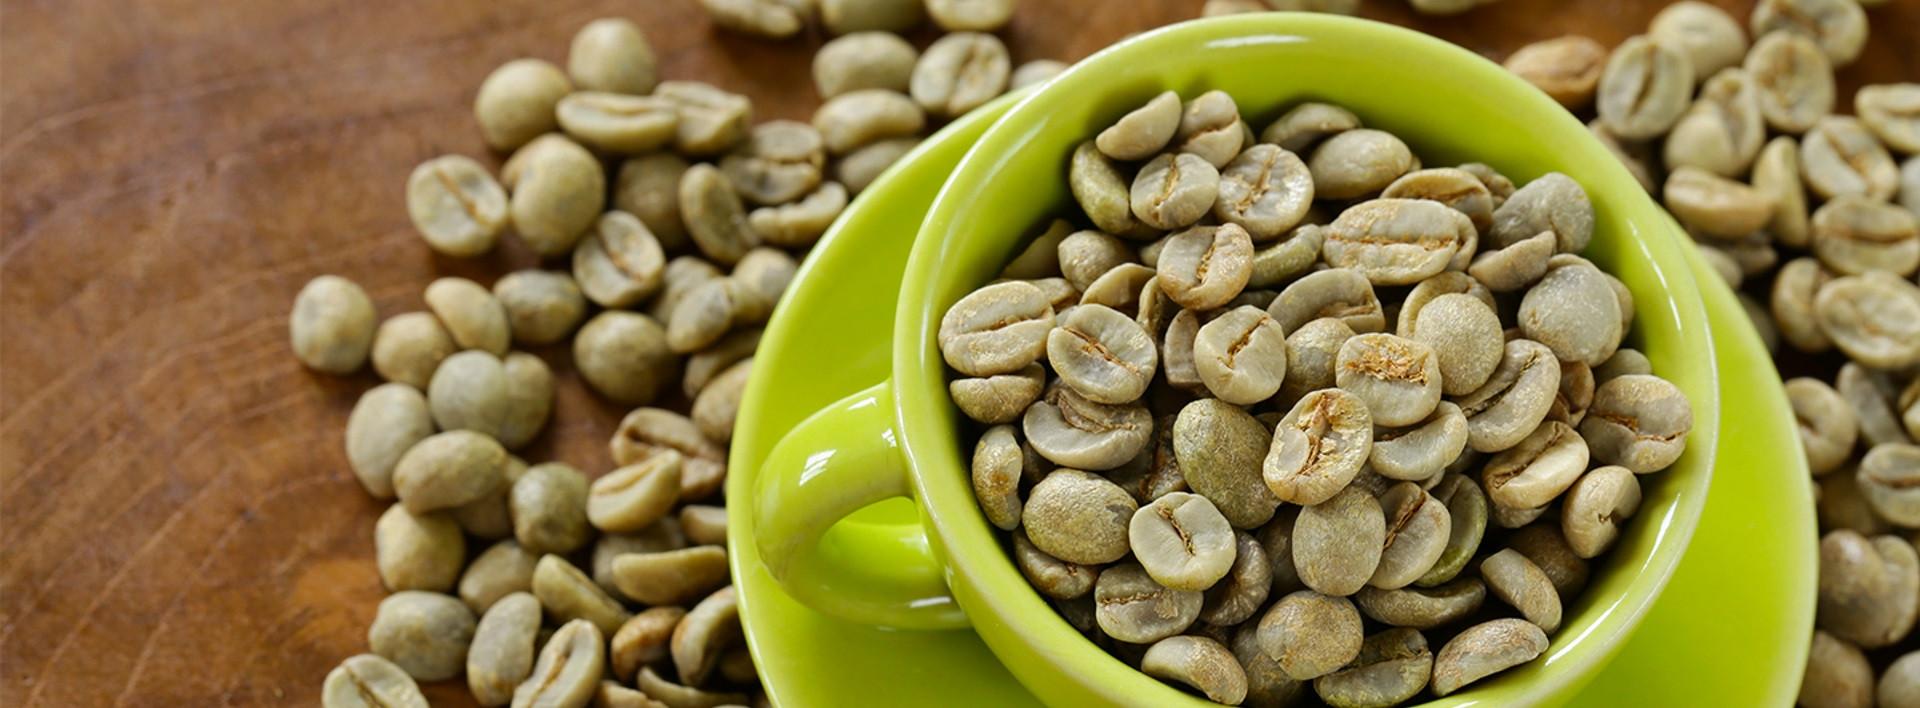 - ola osa prepei na ksereis gia ton prasino kafe 55849 NaturesHouseGR  - Όλα όσα πρέπει να ξέρεις για τον Πράσινο καφέ